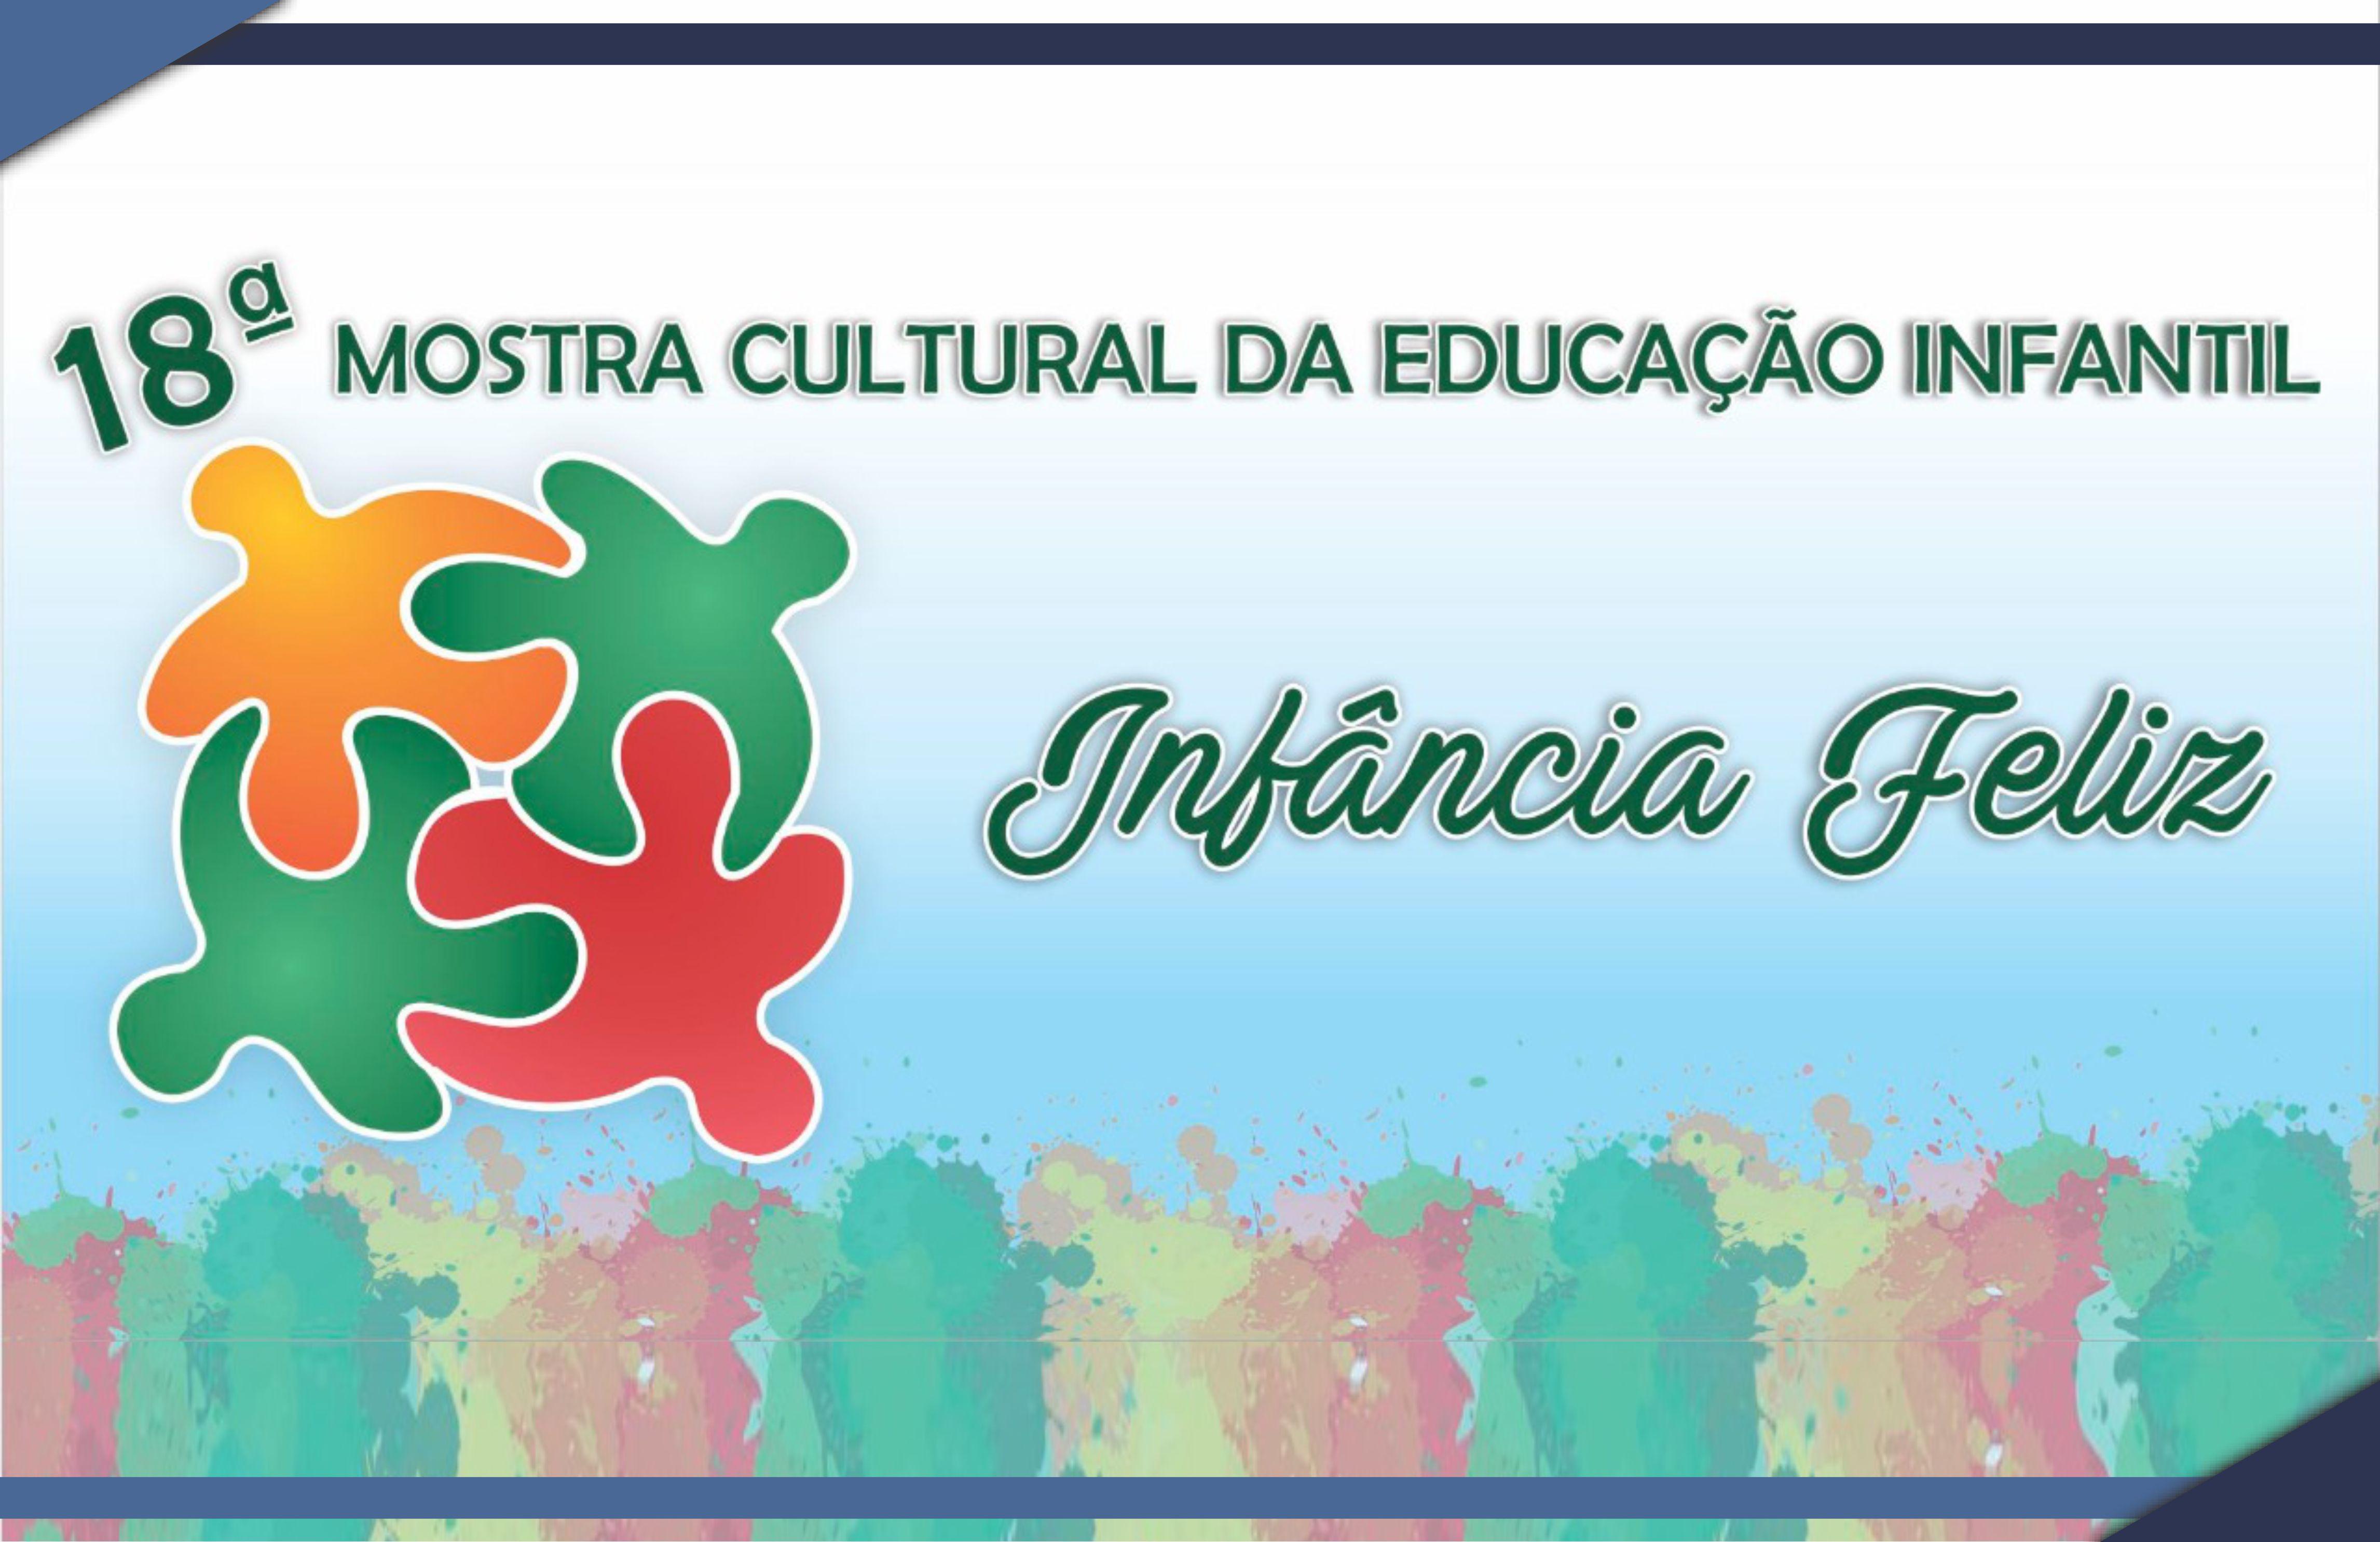 18ª Mostra Cultural da Educação Infantil